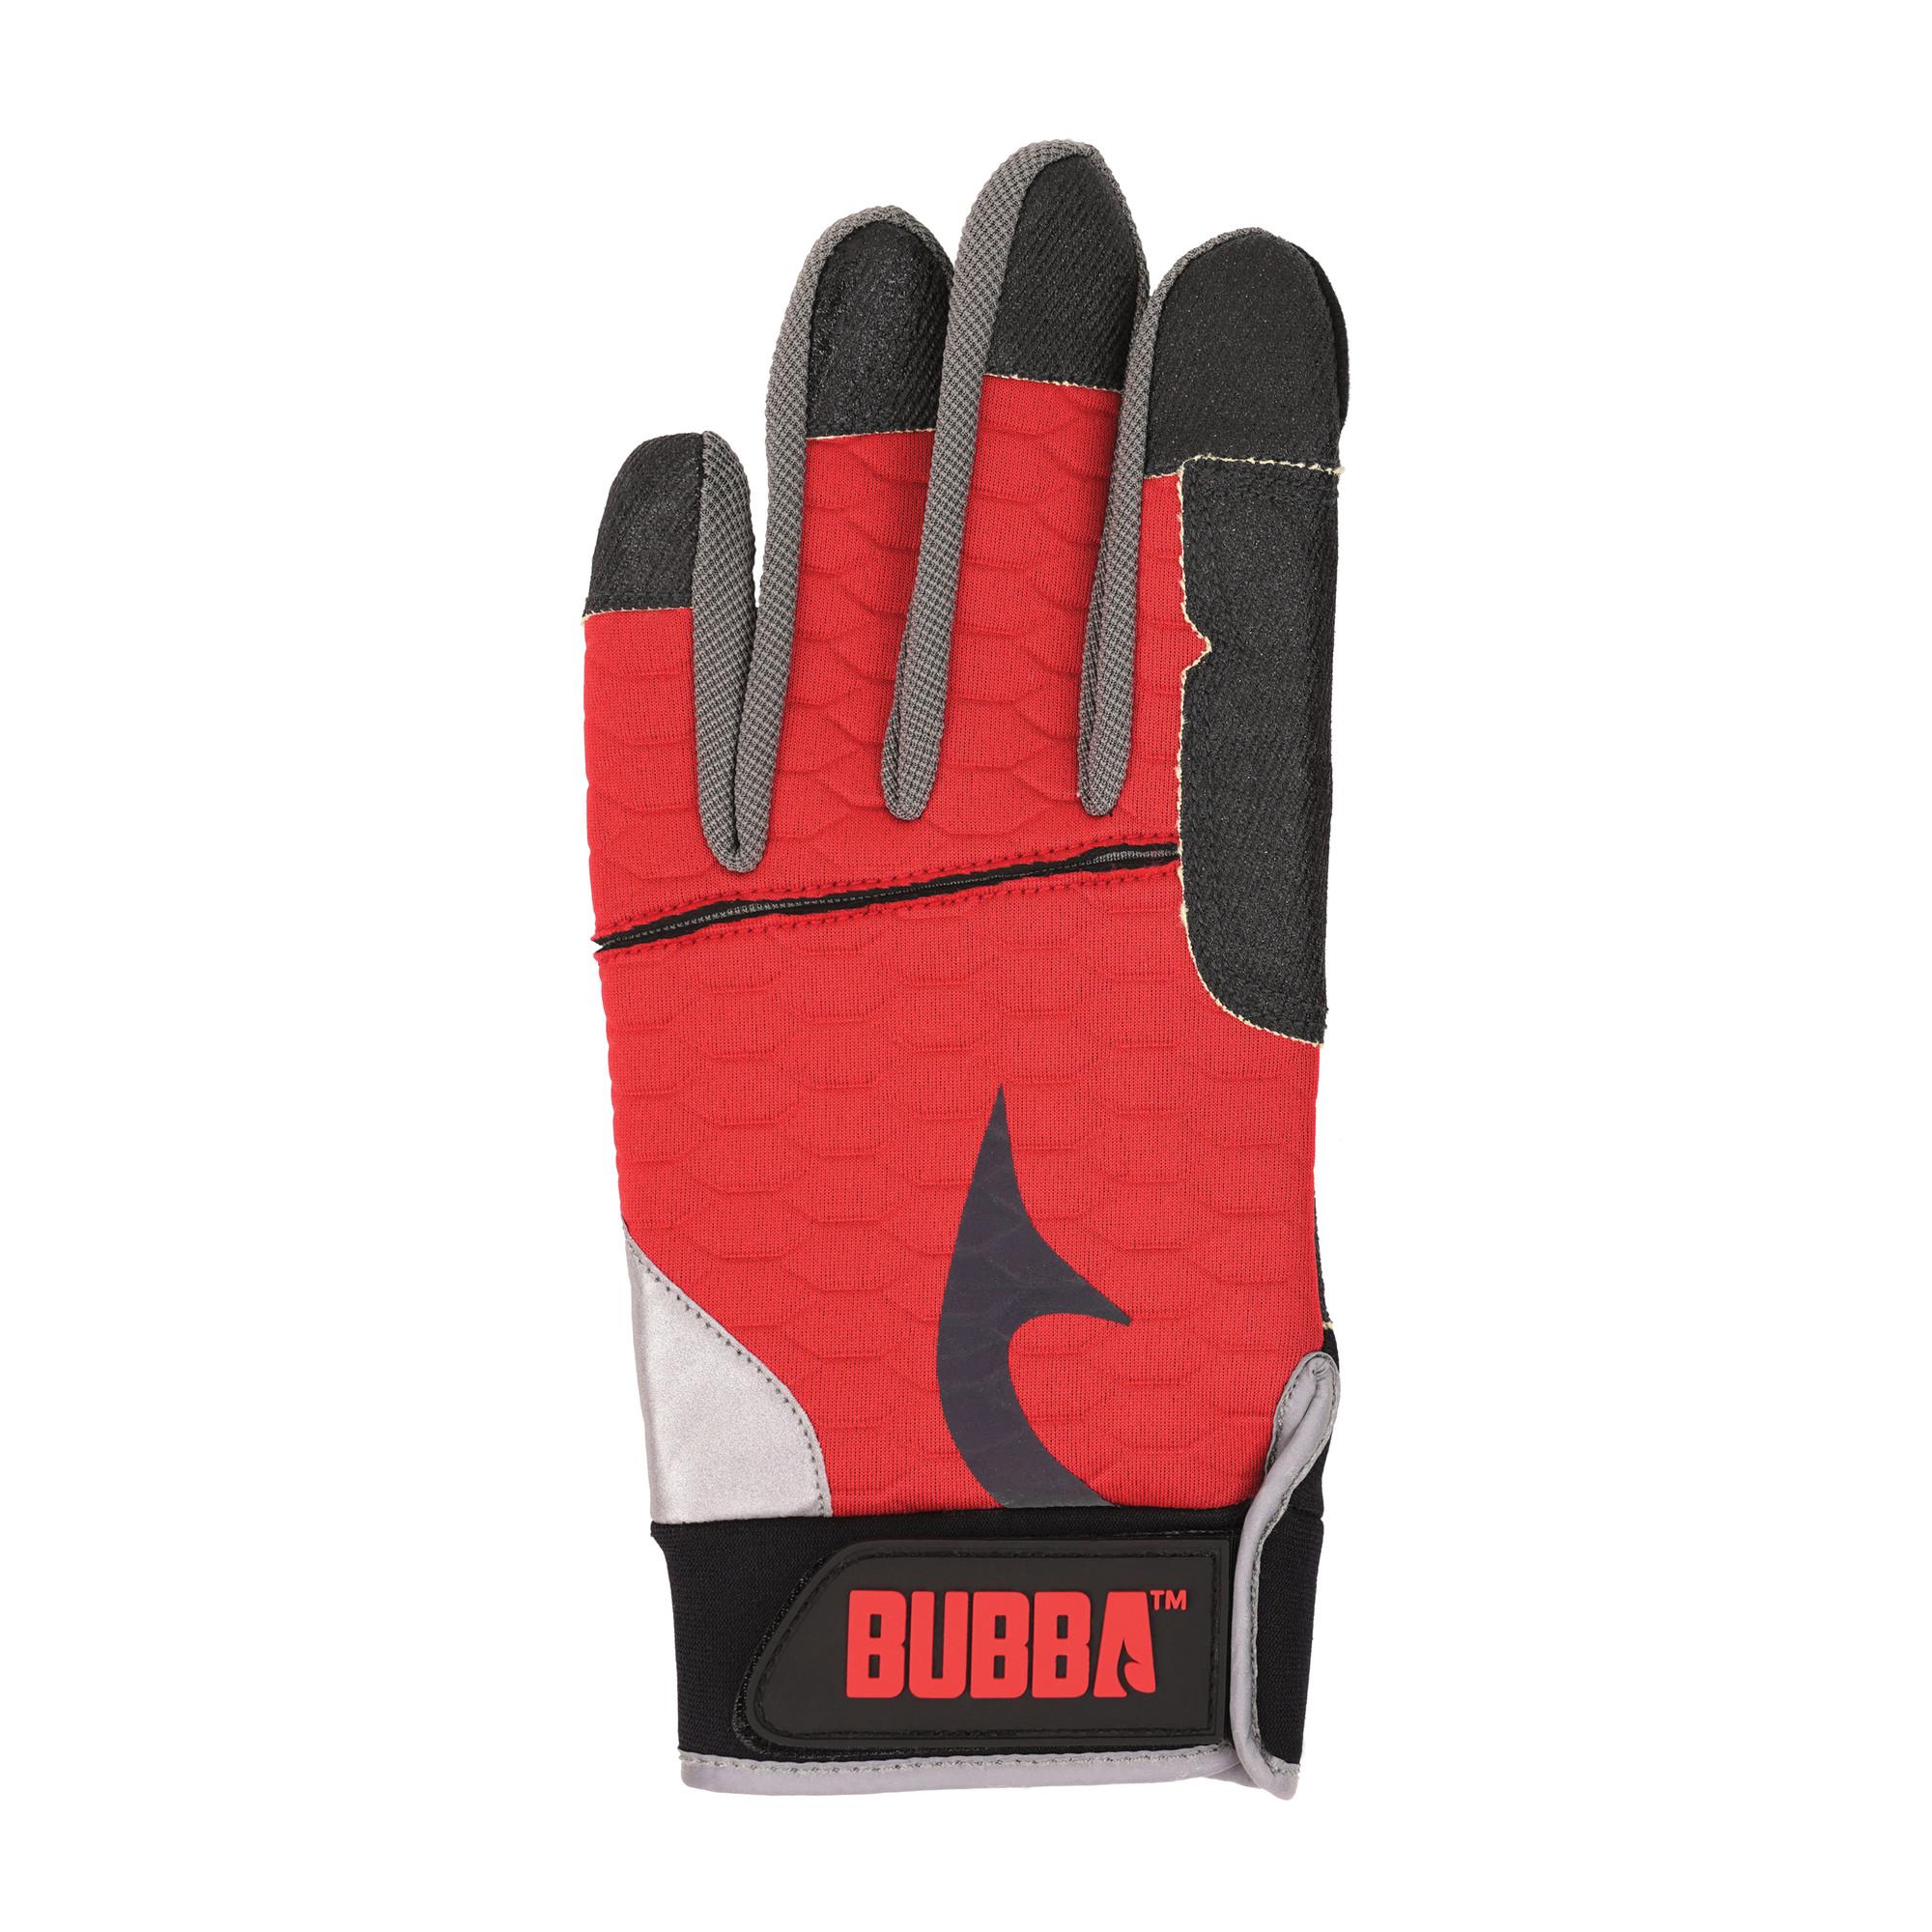 BUBBA UFILLET XL